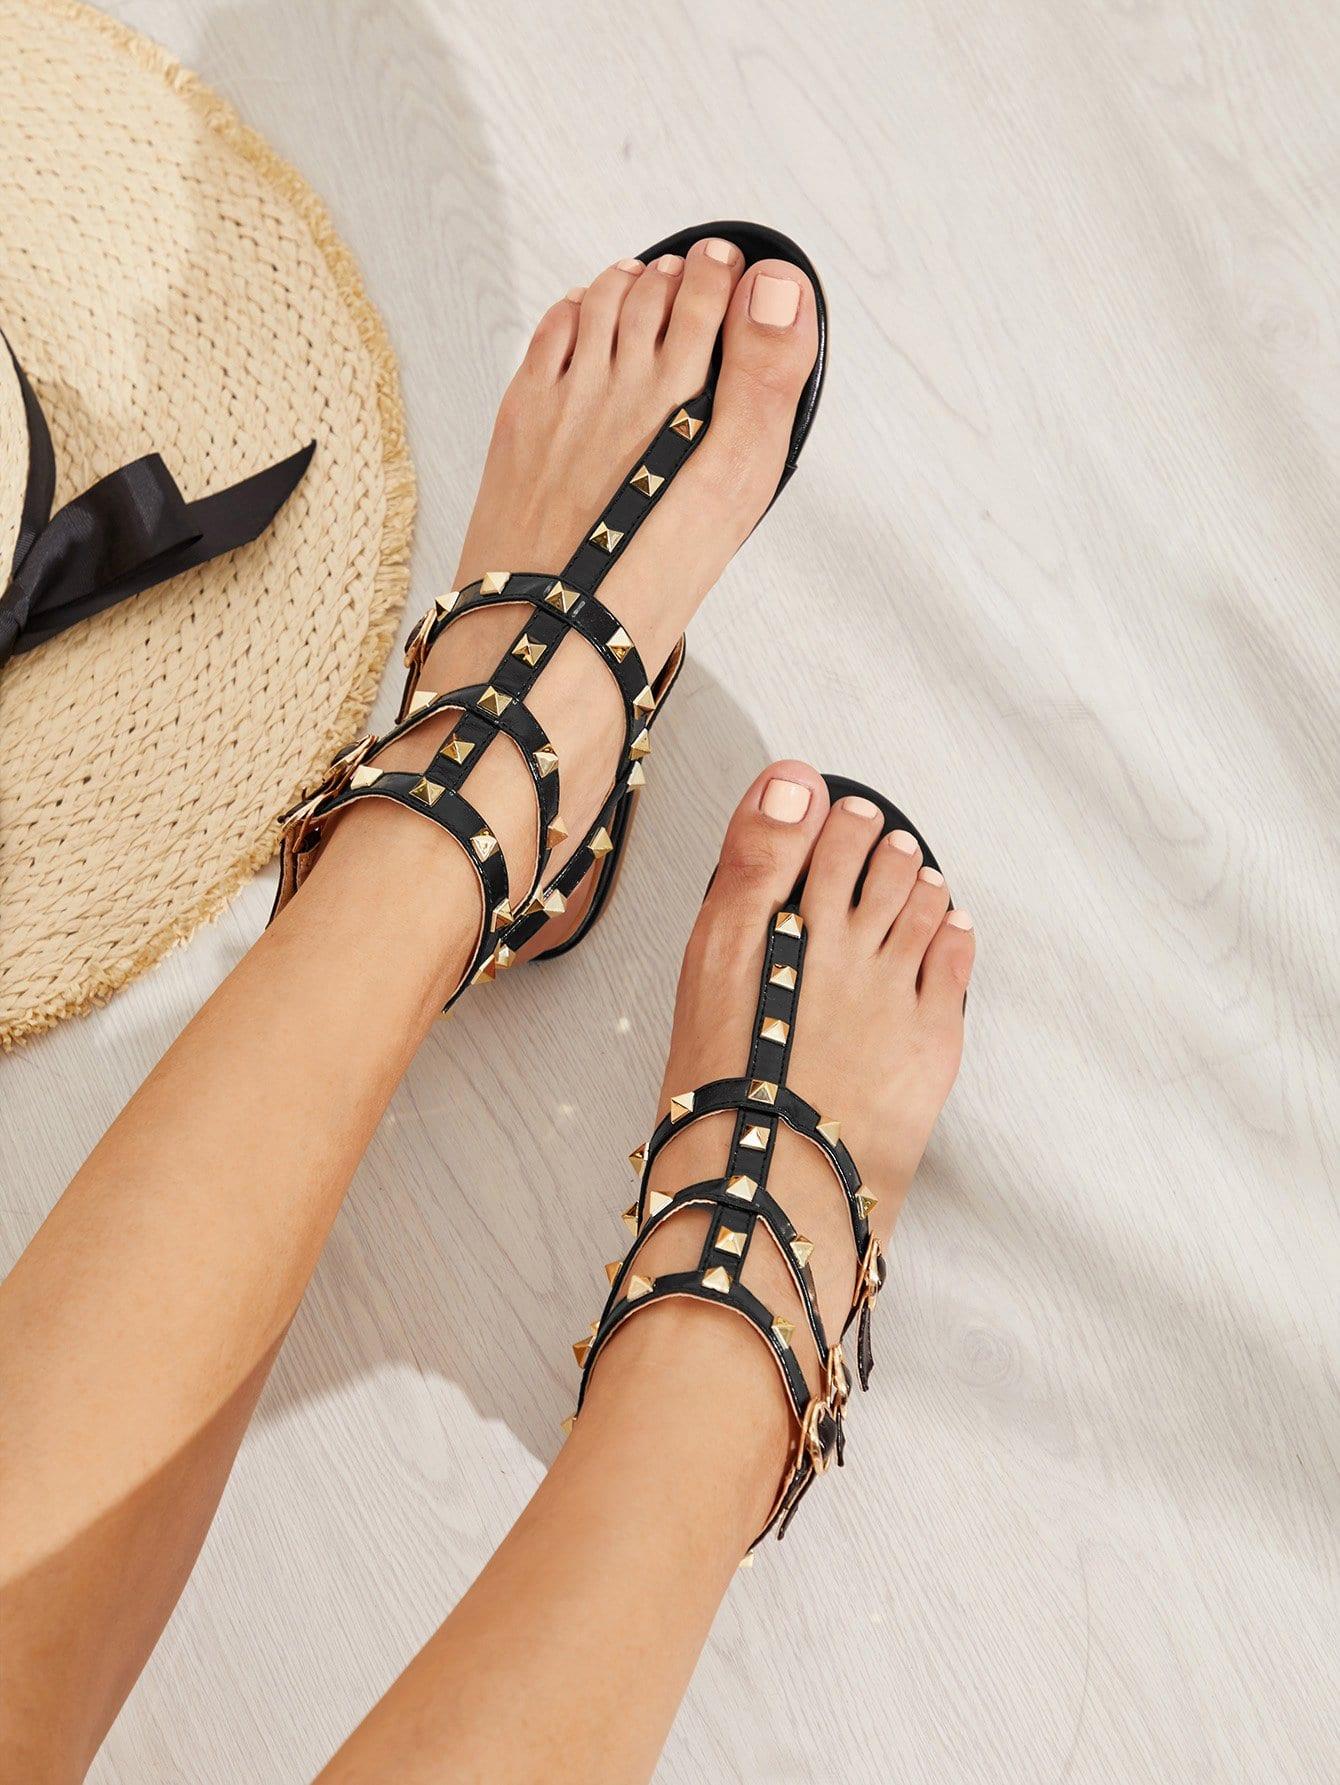 Rockstud Toe Post Strappy PU Sandals rockstud toe post strappy pu sandals